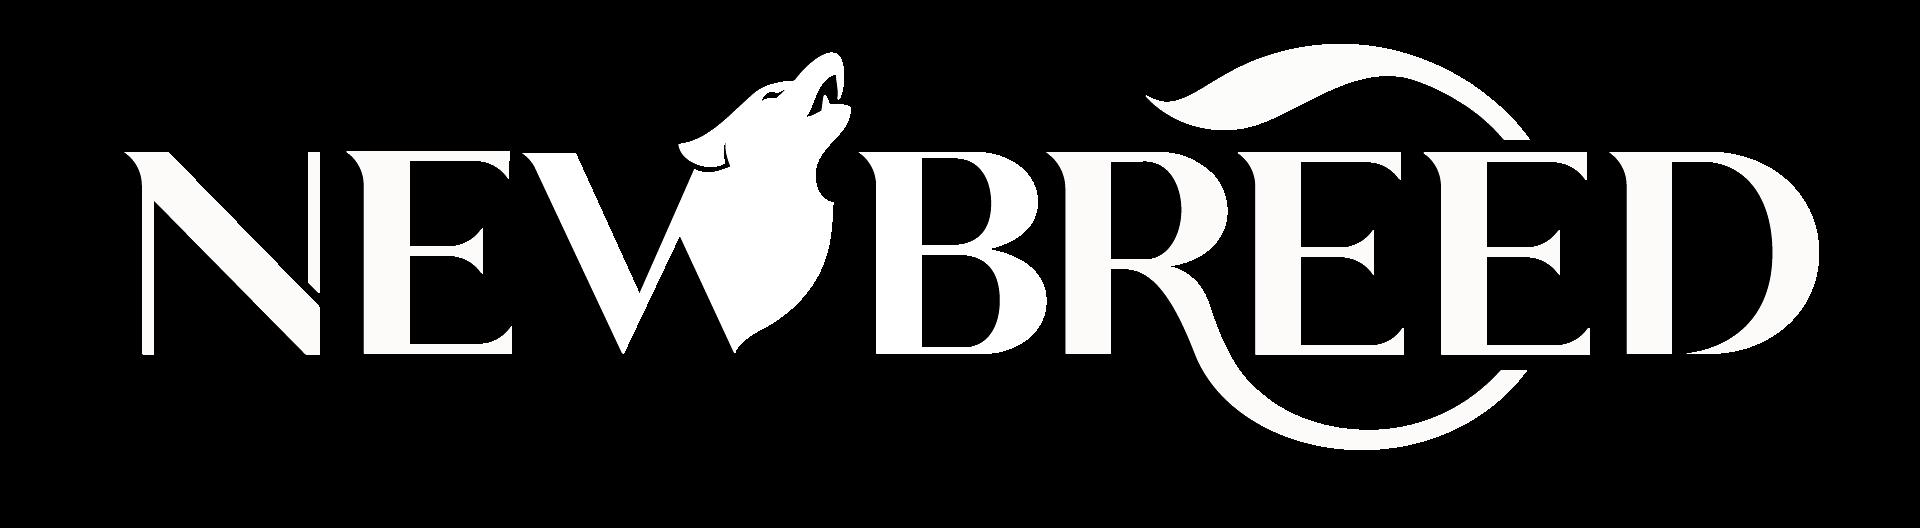 NEW BREED PR